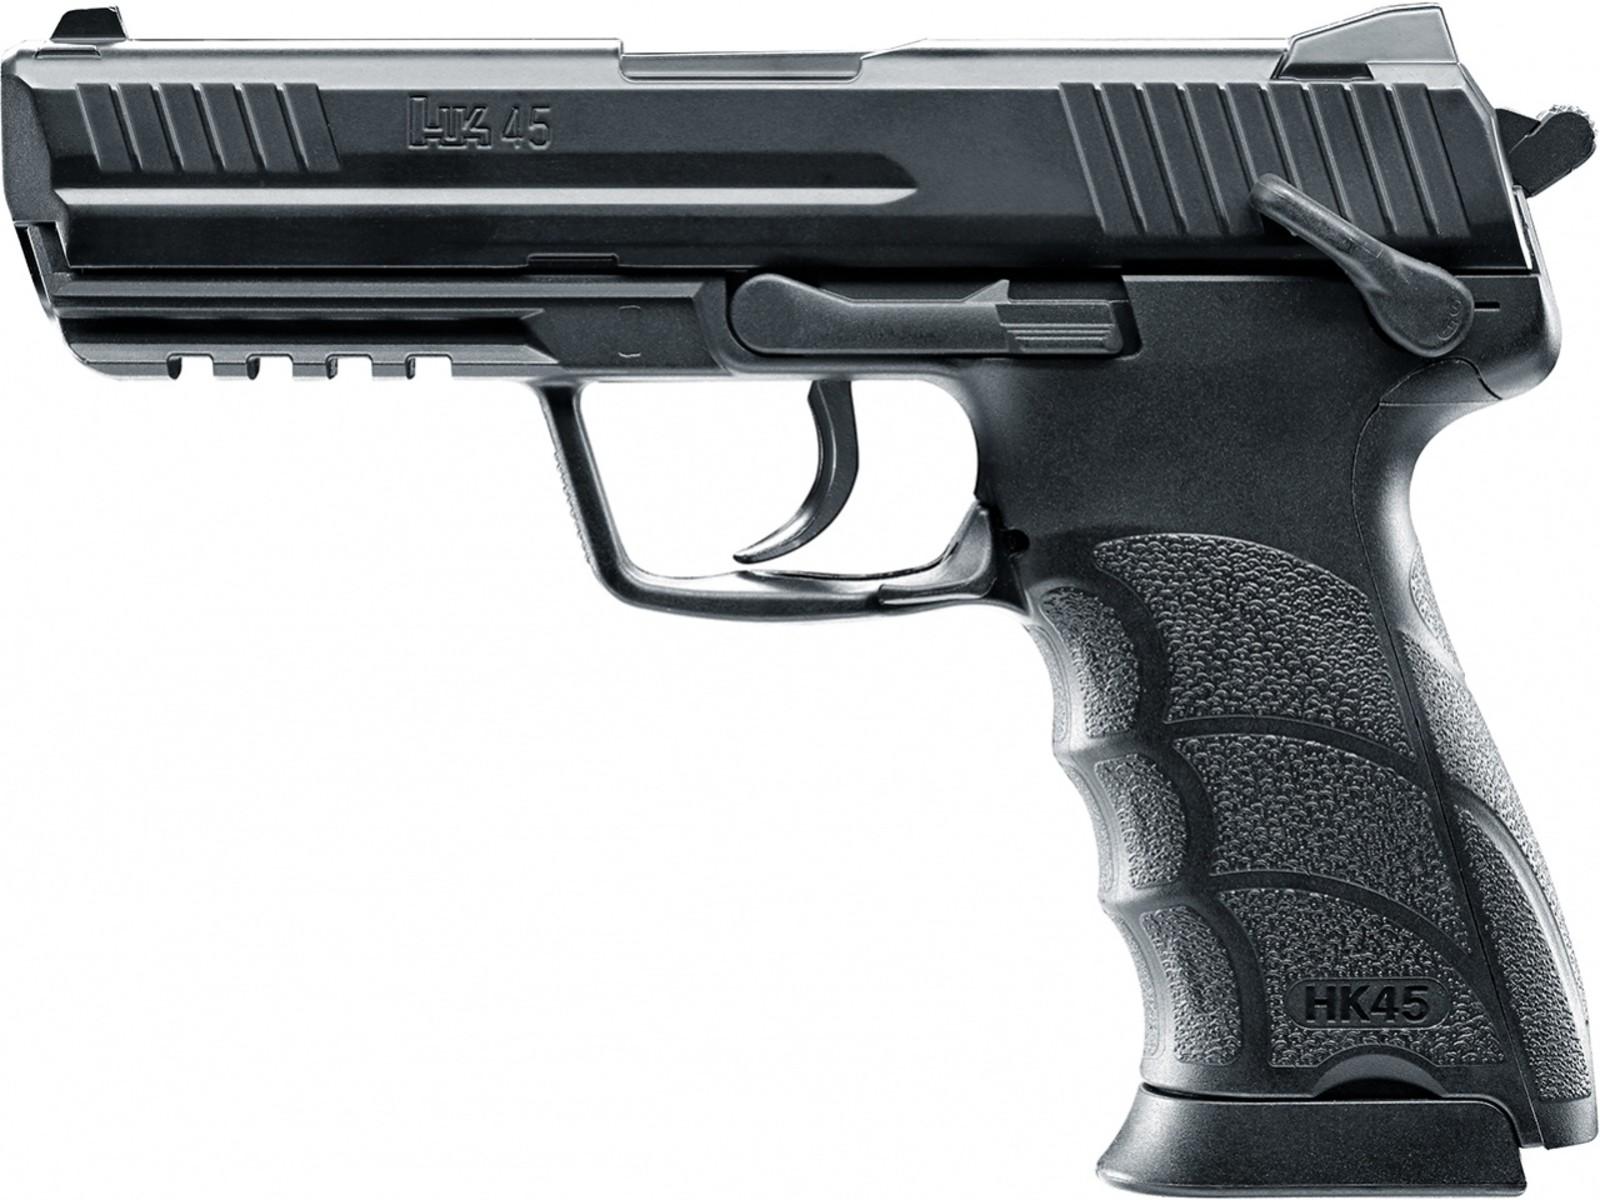 Vzduchová pistole Heckler&Koch 45